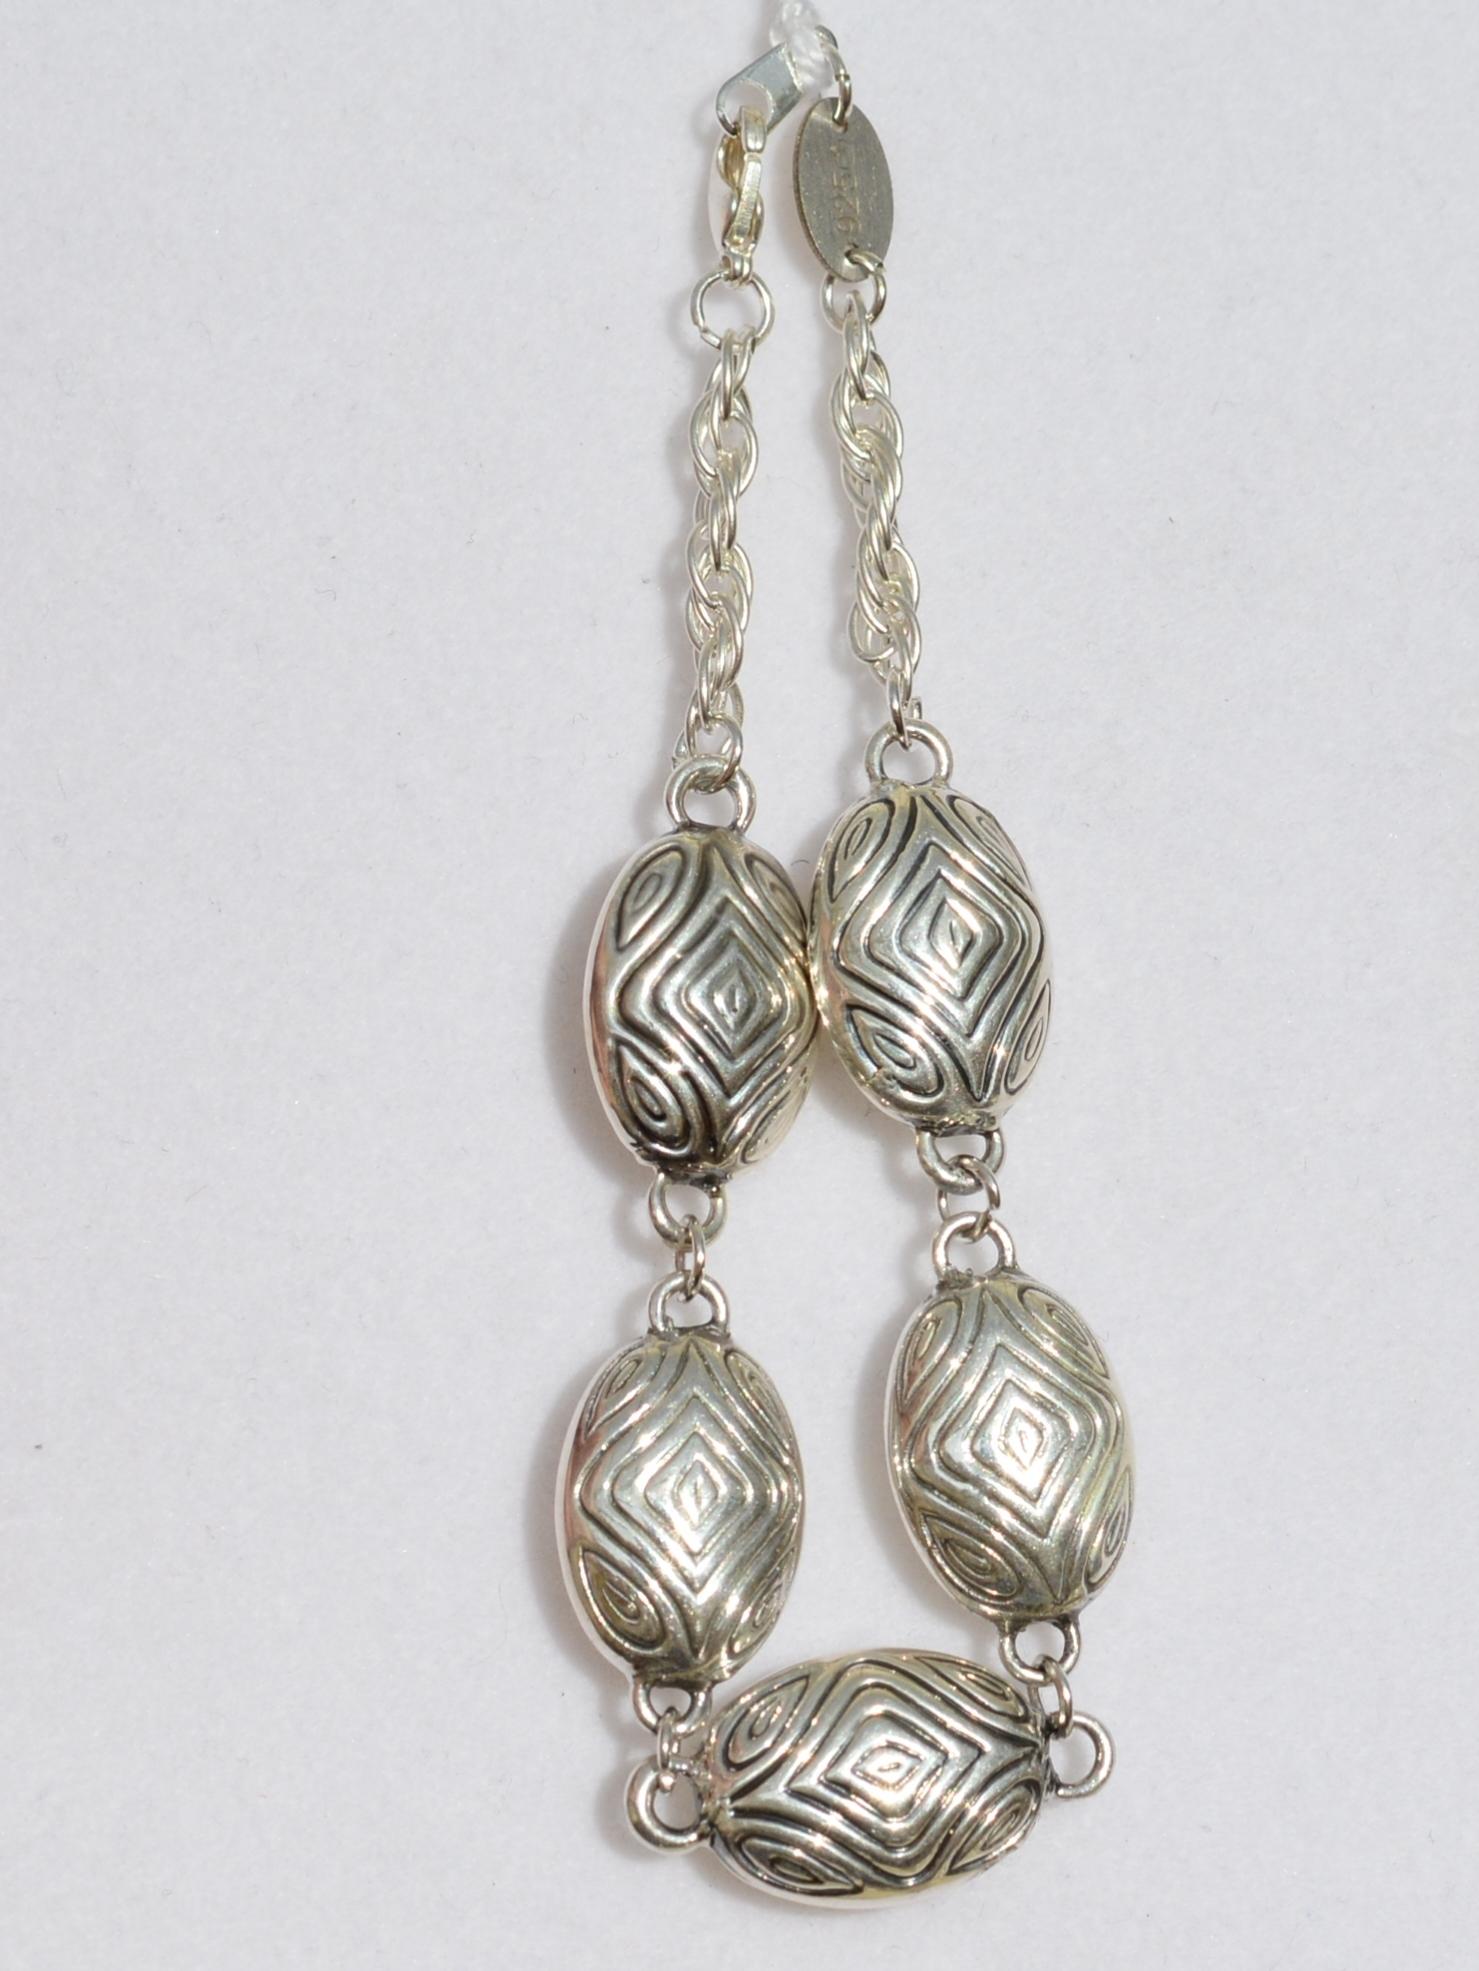 Адорно (браслет из серебра)